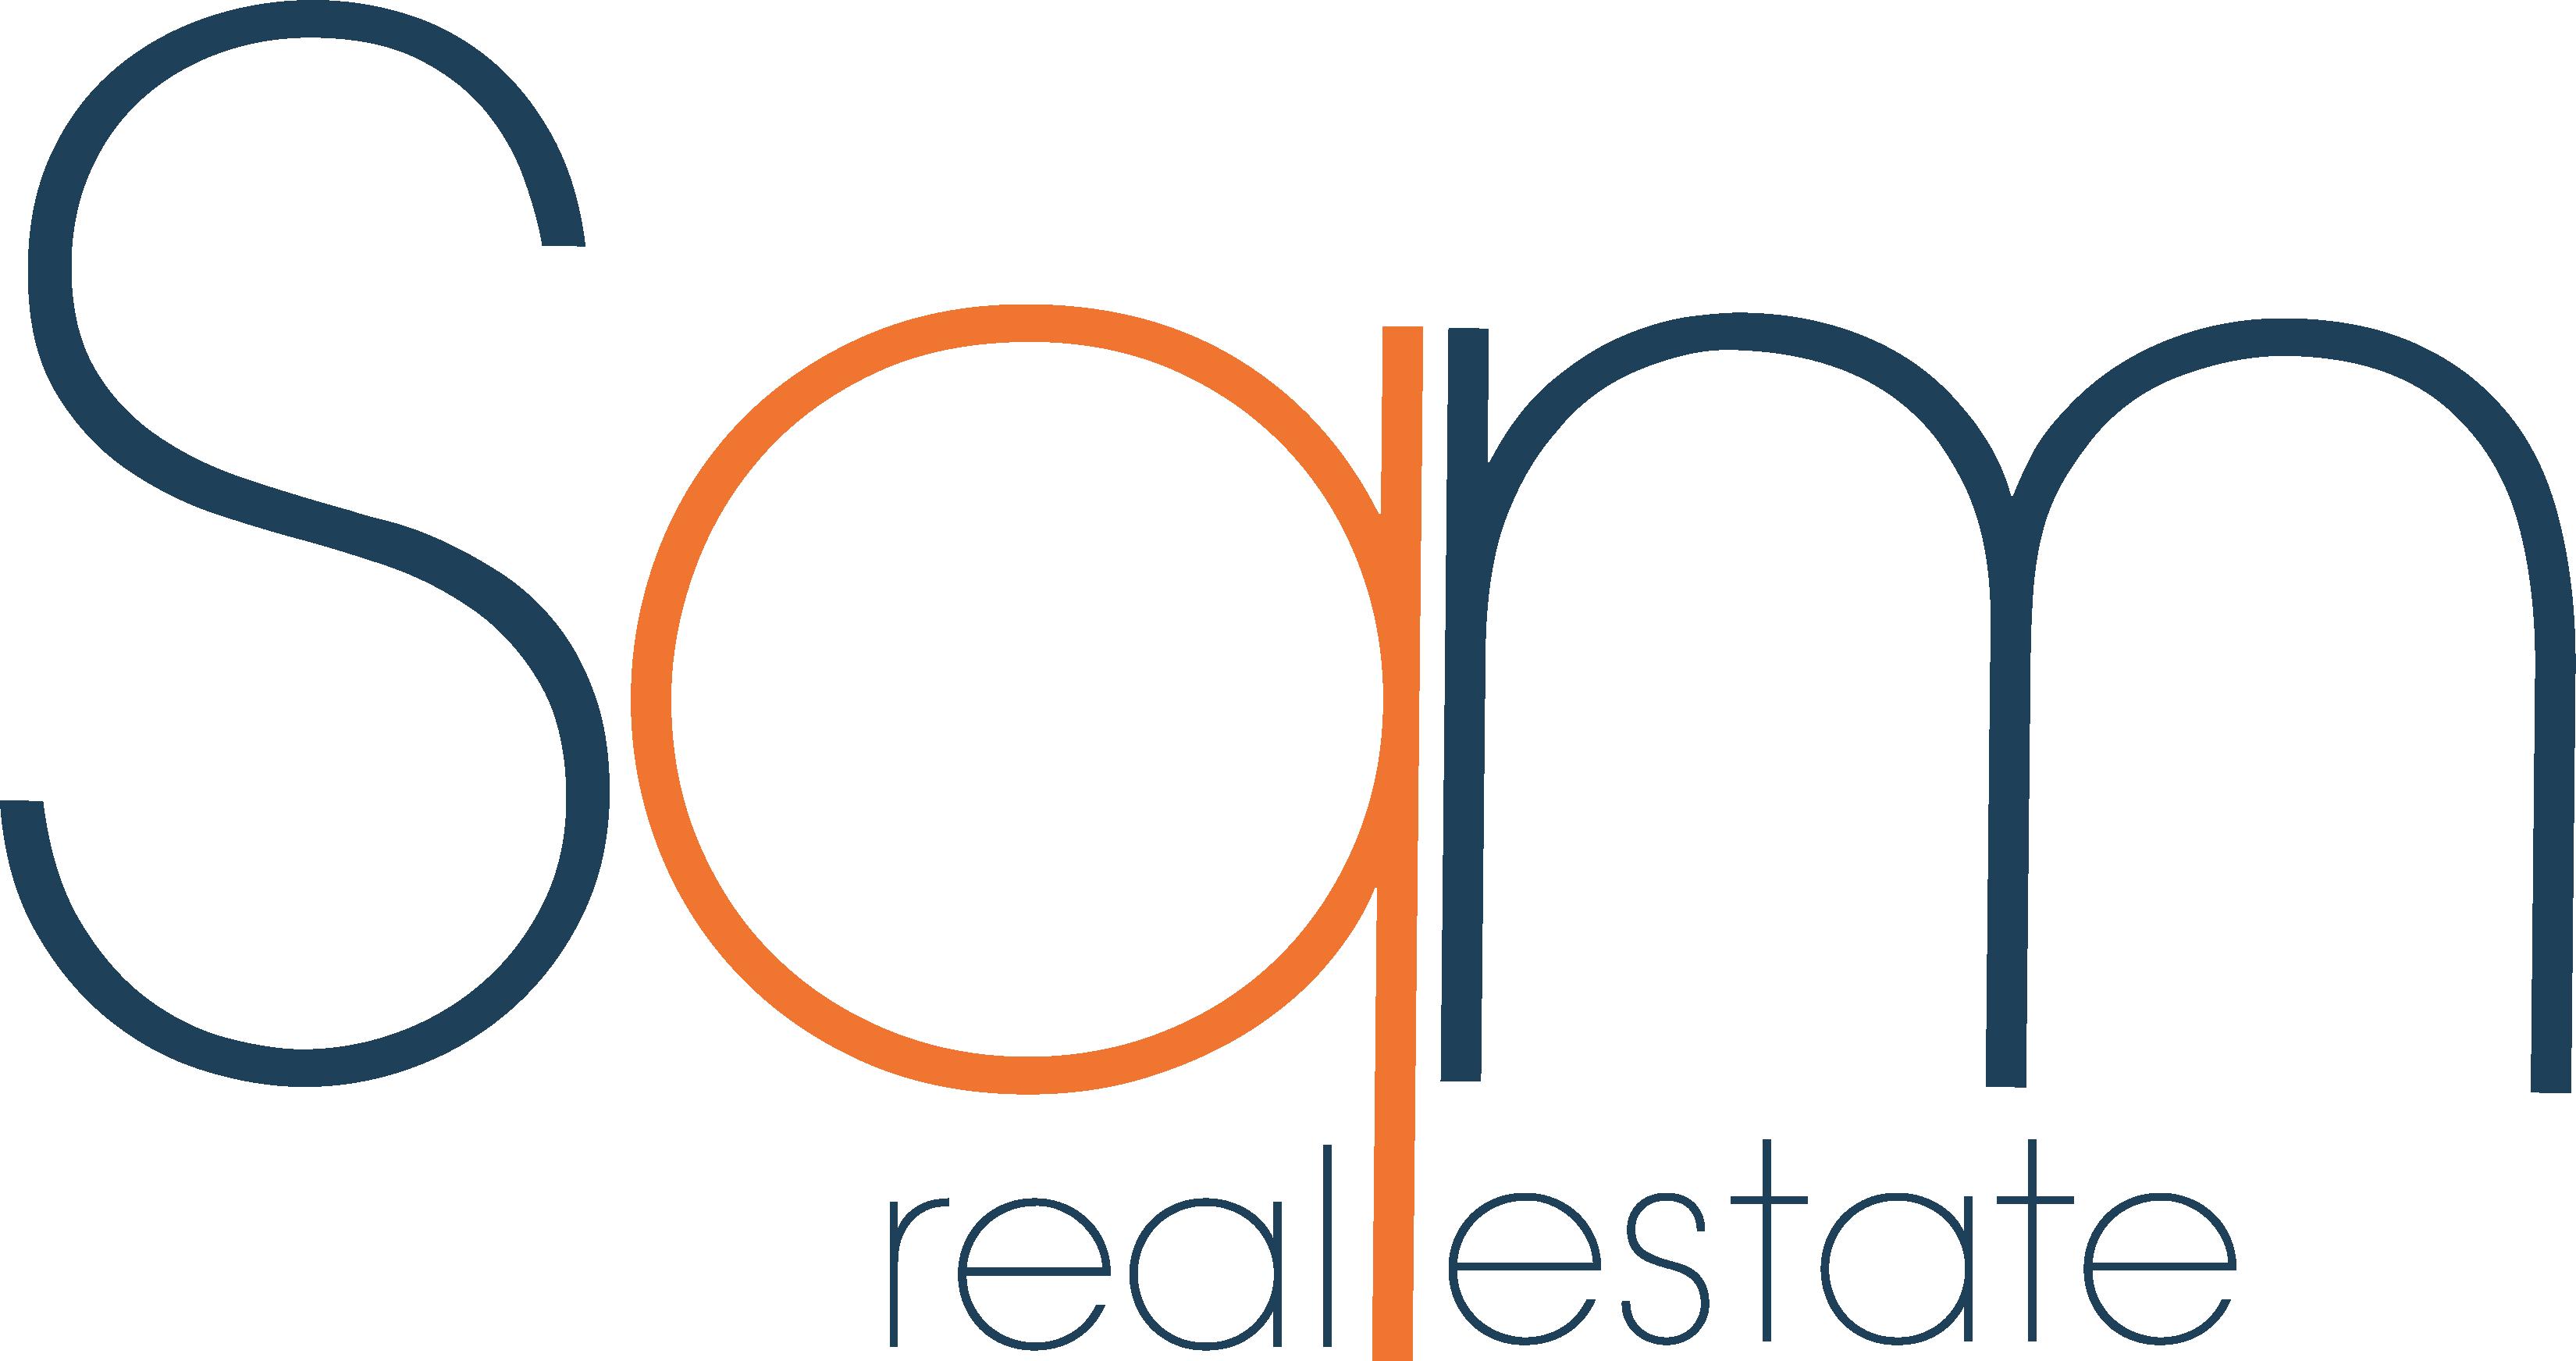 Sqm Real Estate Logo | Miglior agenzia immobiliare per aziende industria terreni logistica sviluppo immobiliare